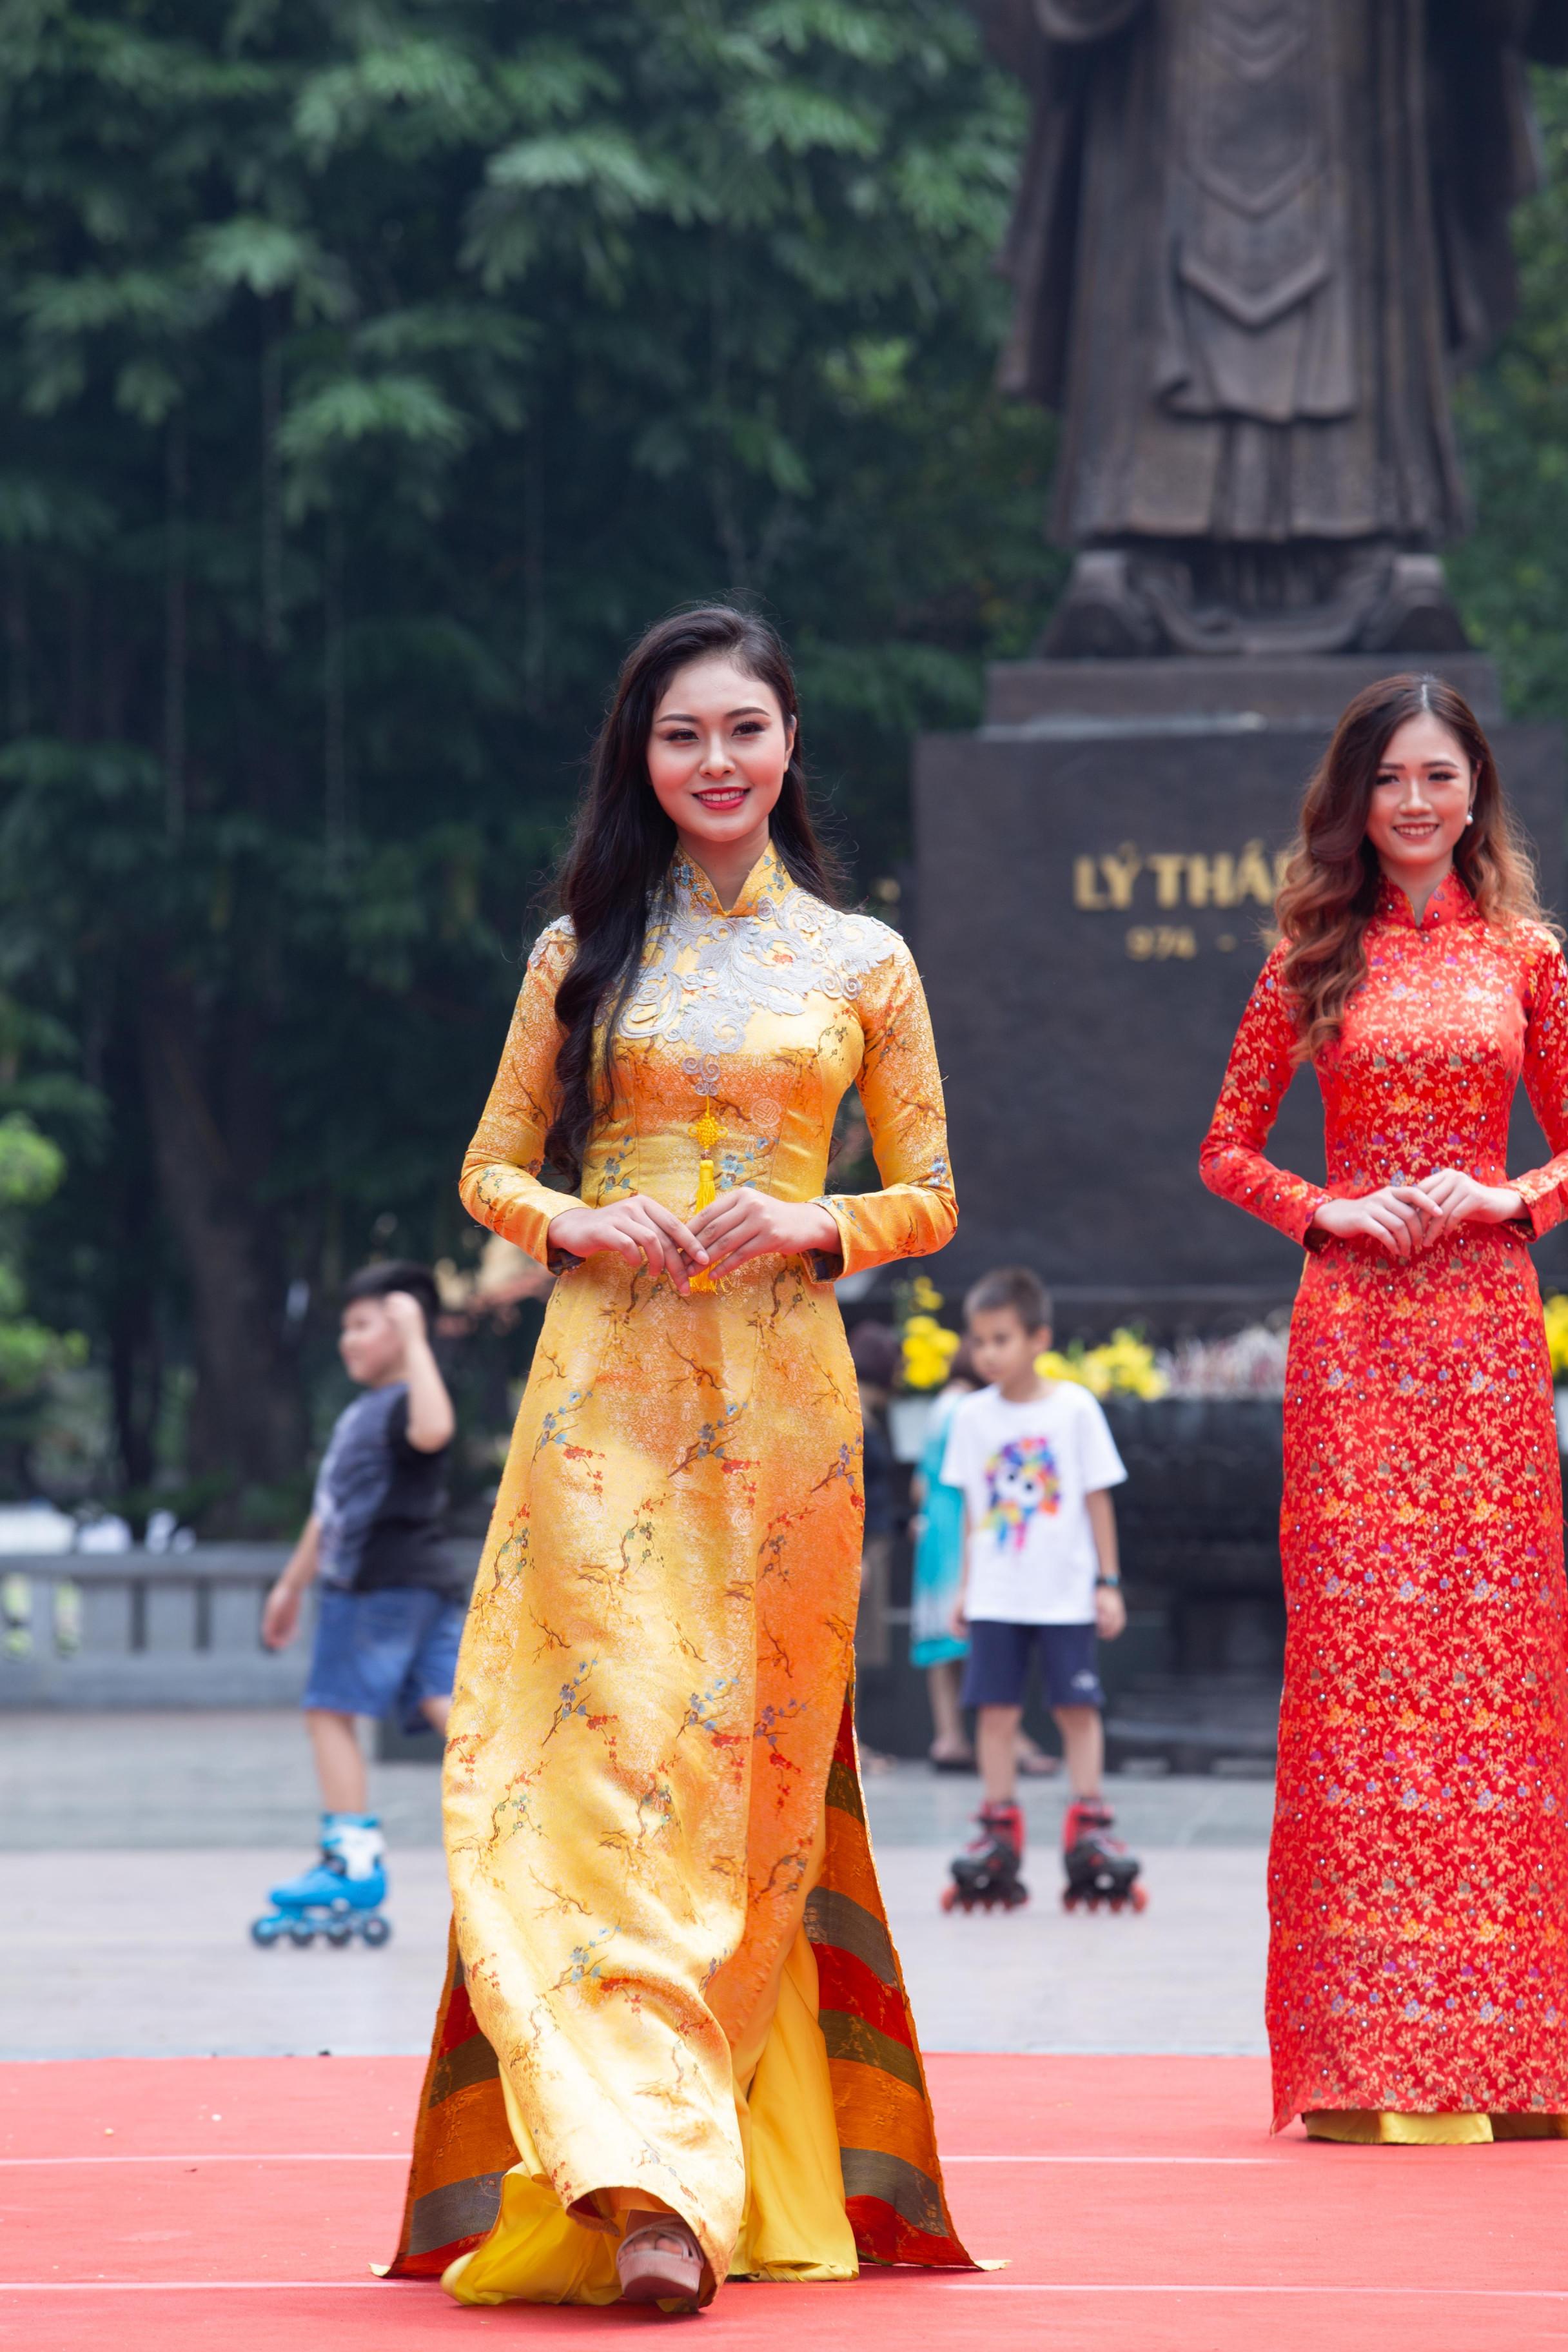 Á khôi 1 Miss Photo 2017 Hoàng Thị Bích Ngọc cũng tham gia chương trình